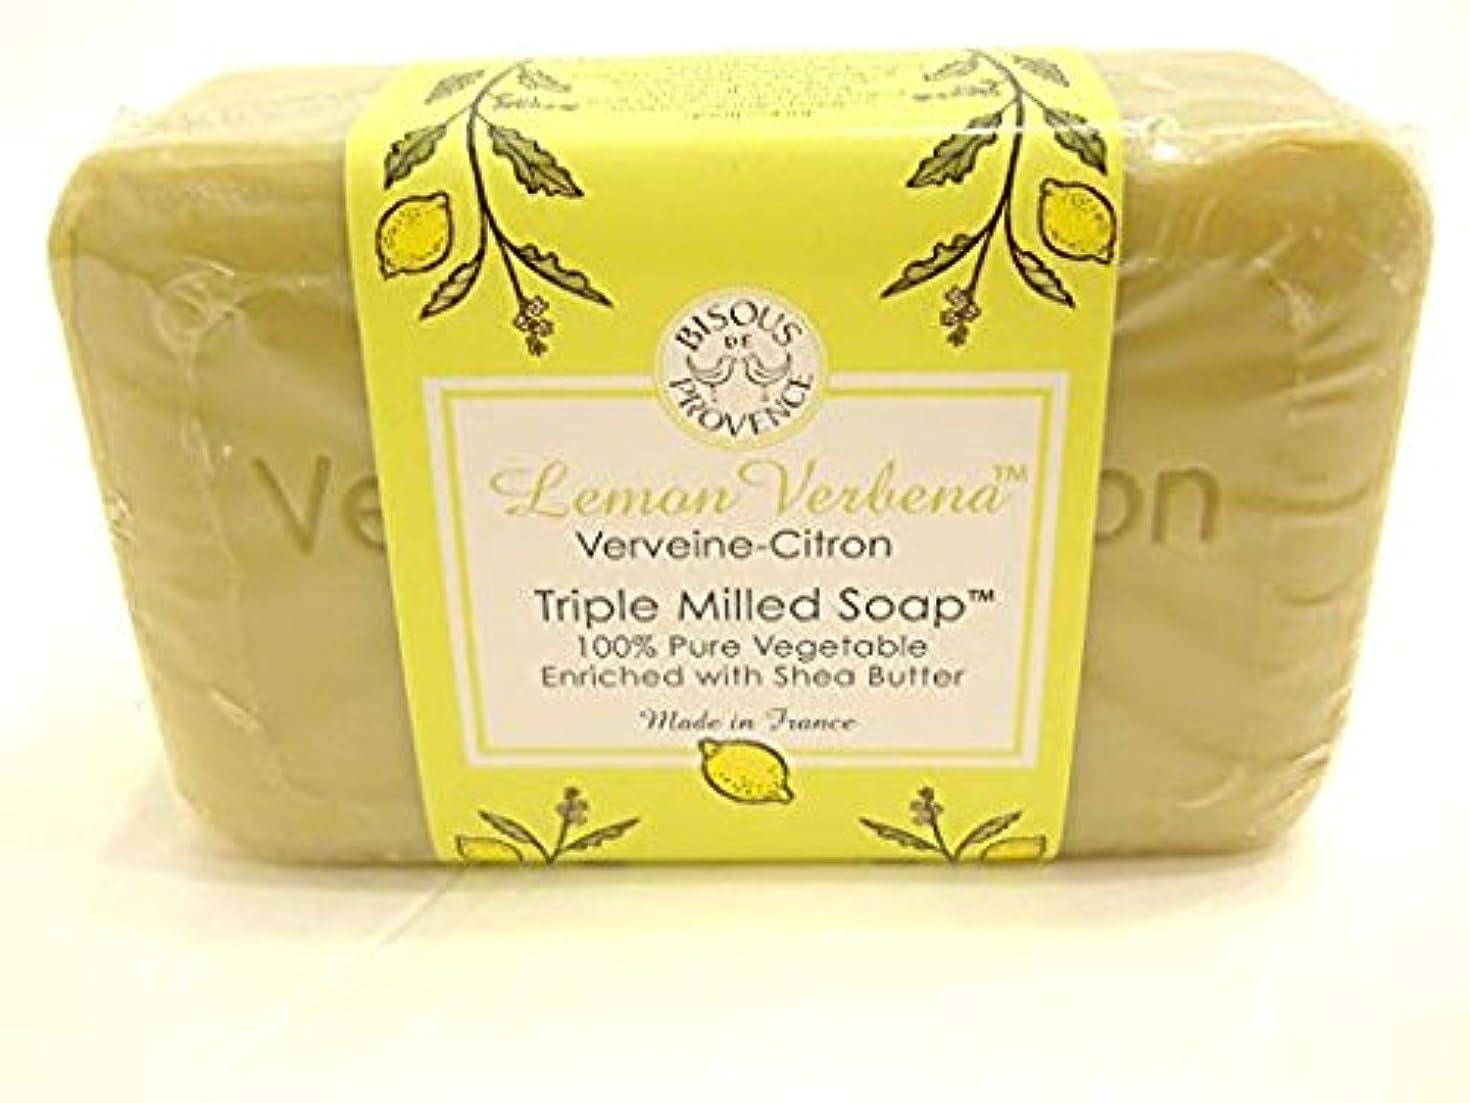 昆虫を見る試験ダム[トレーダージョーズ] トリプルミルドソープ レモンバーベナ 海外直送品/Trader Joe's Triple Milled Soap Lemon Verbena [並行輸入品]